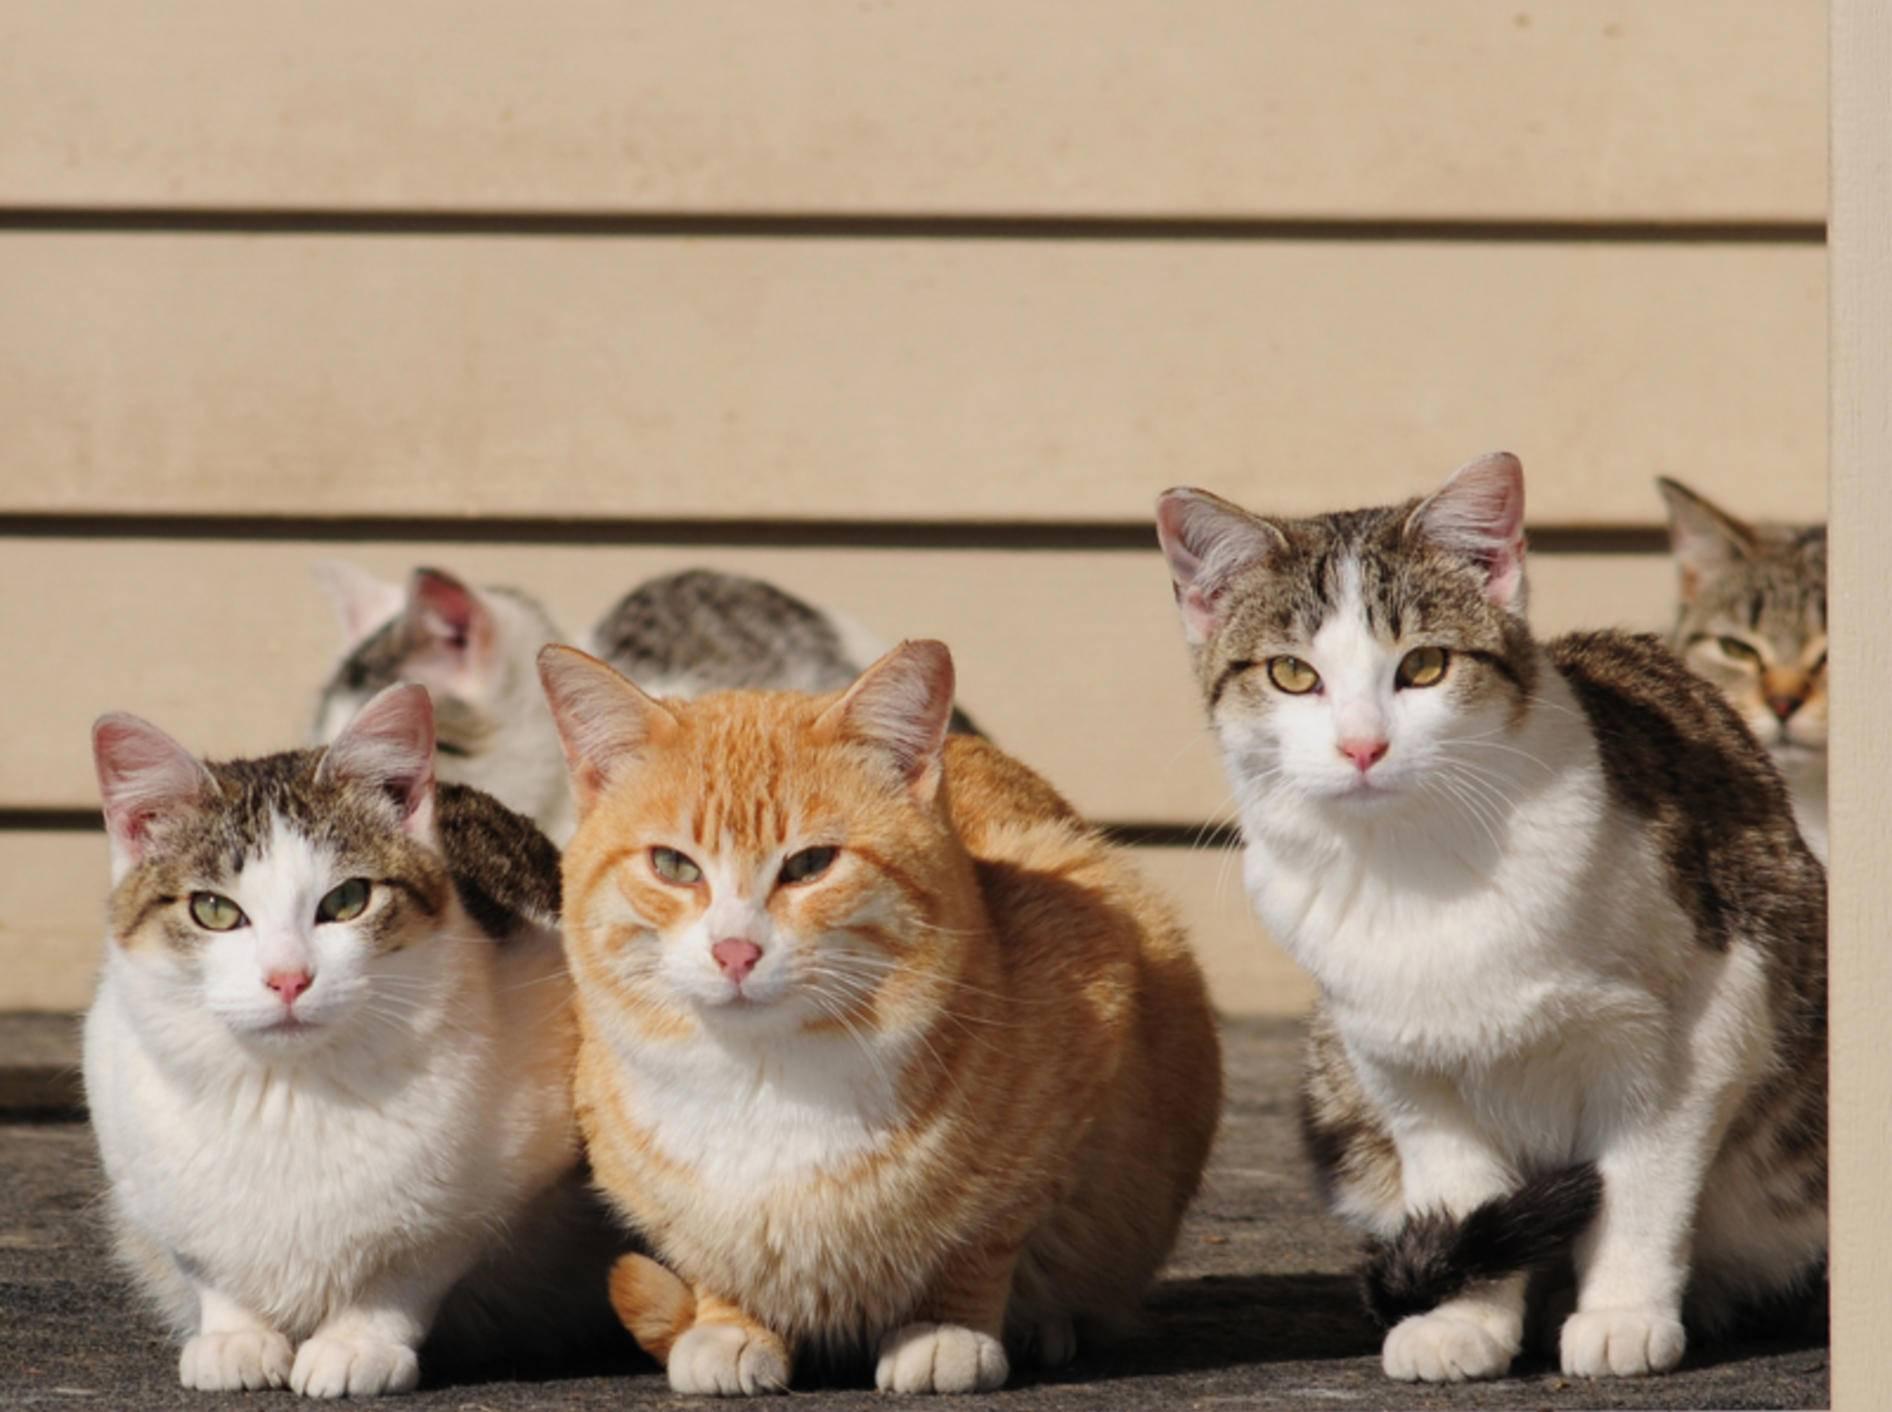 Katzenpensionen sind gute Tipps für die Ferienzeit – Bild: Shutterstock / Nancy Bauer